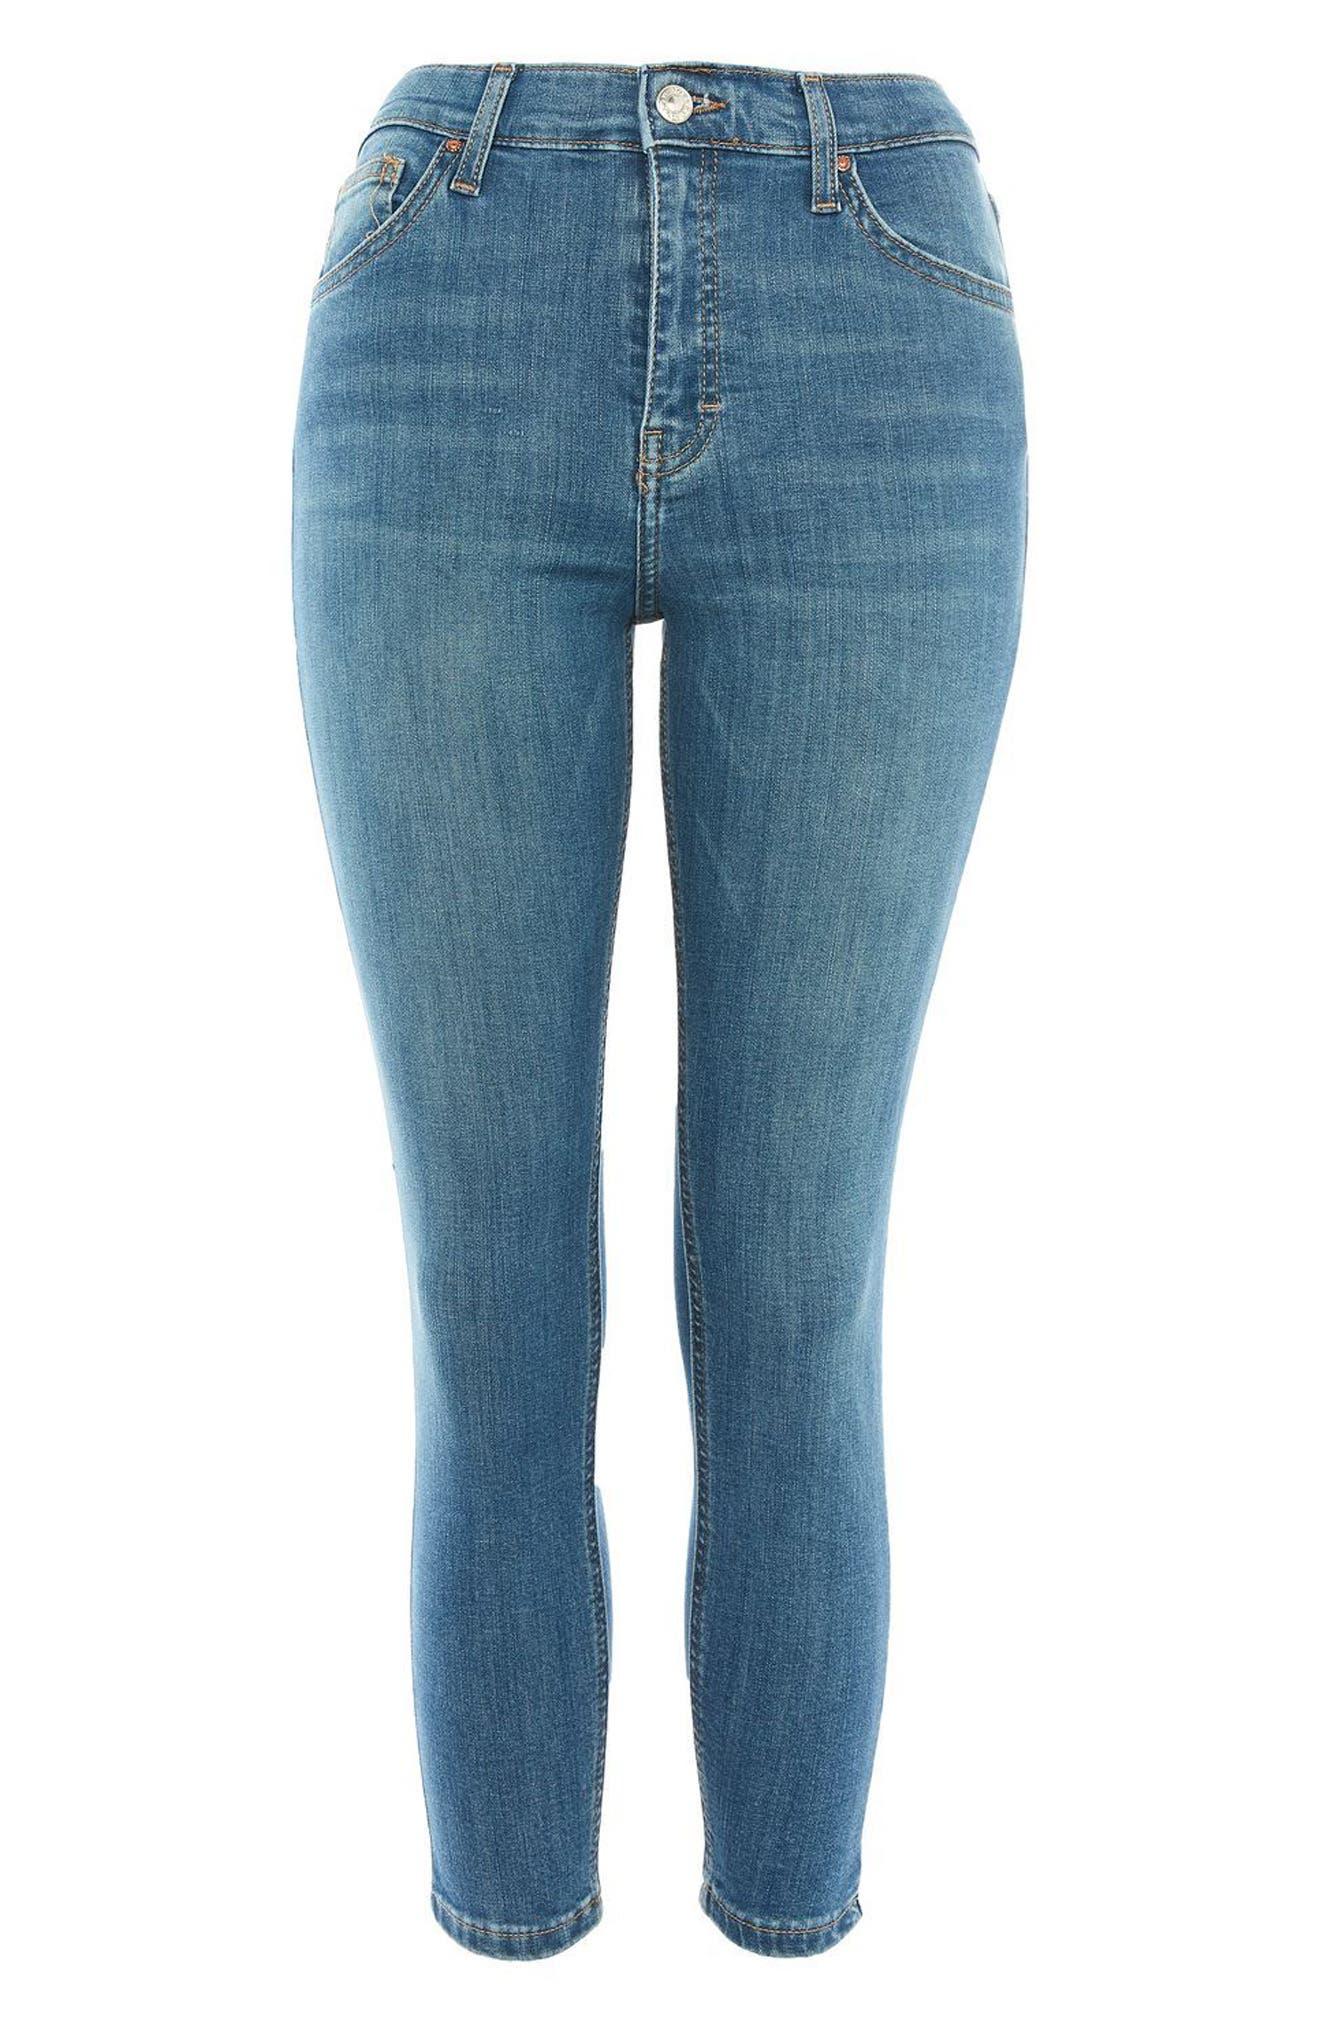 Alternate Image 3  - Topshop Jamie High Waist Crop Skinny Jeans (Petite)